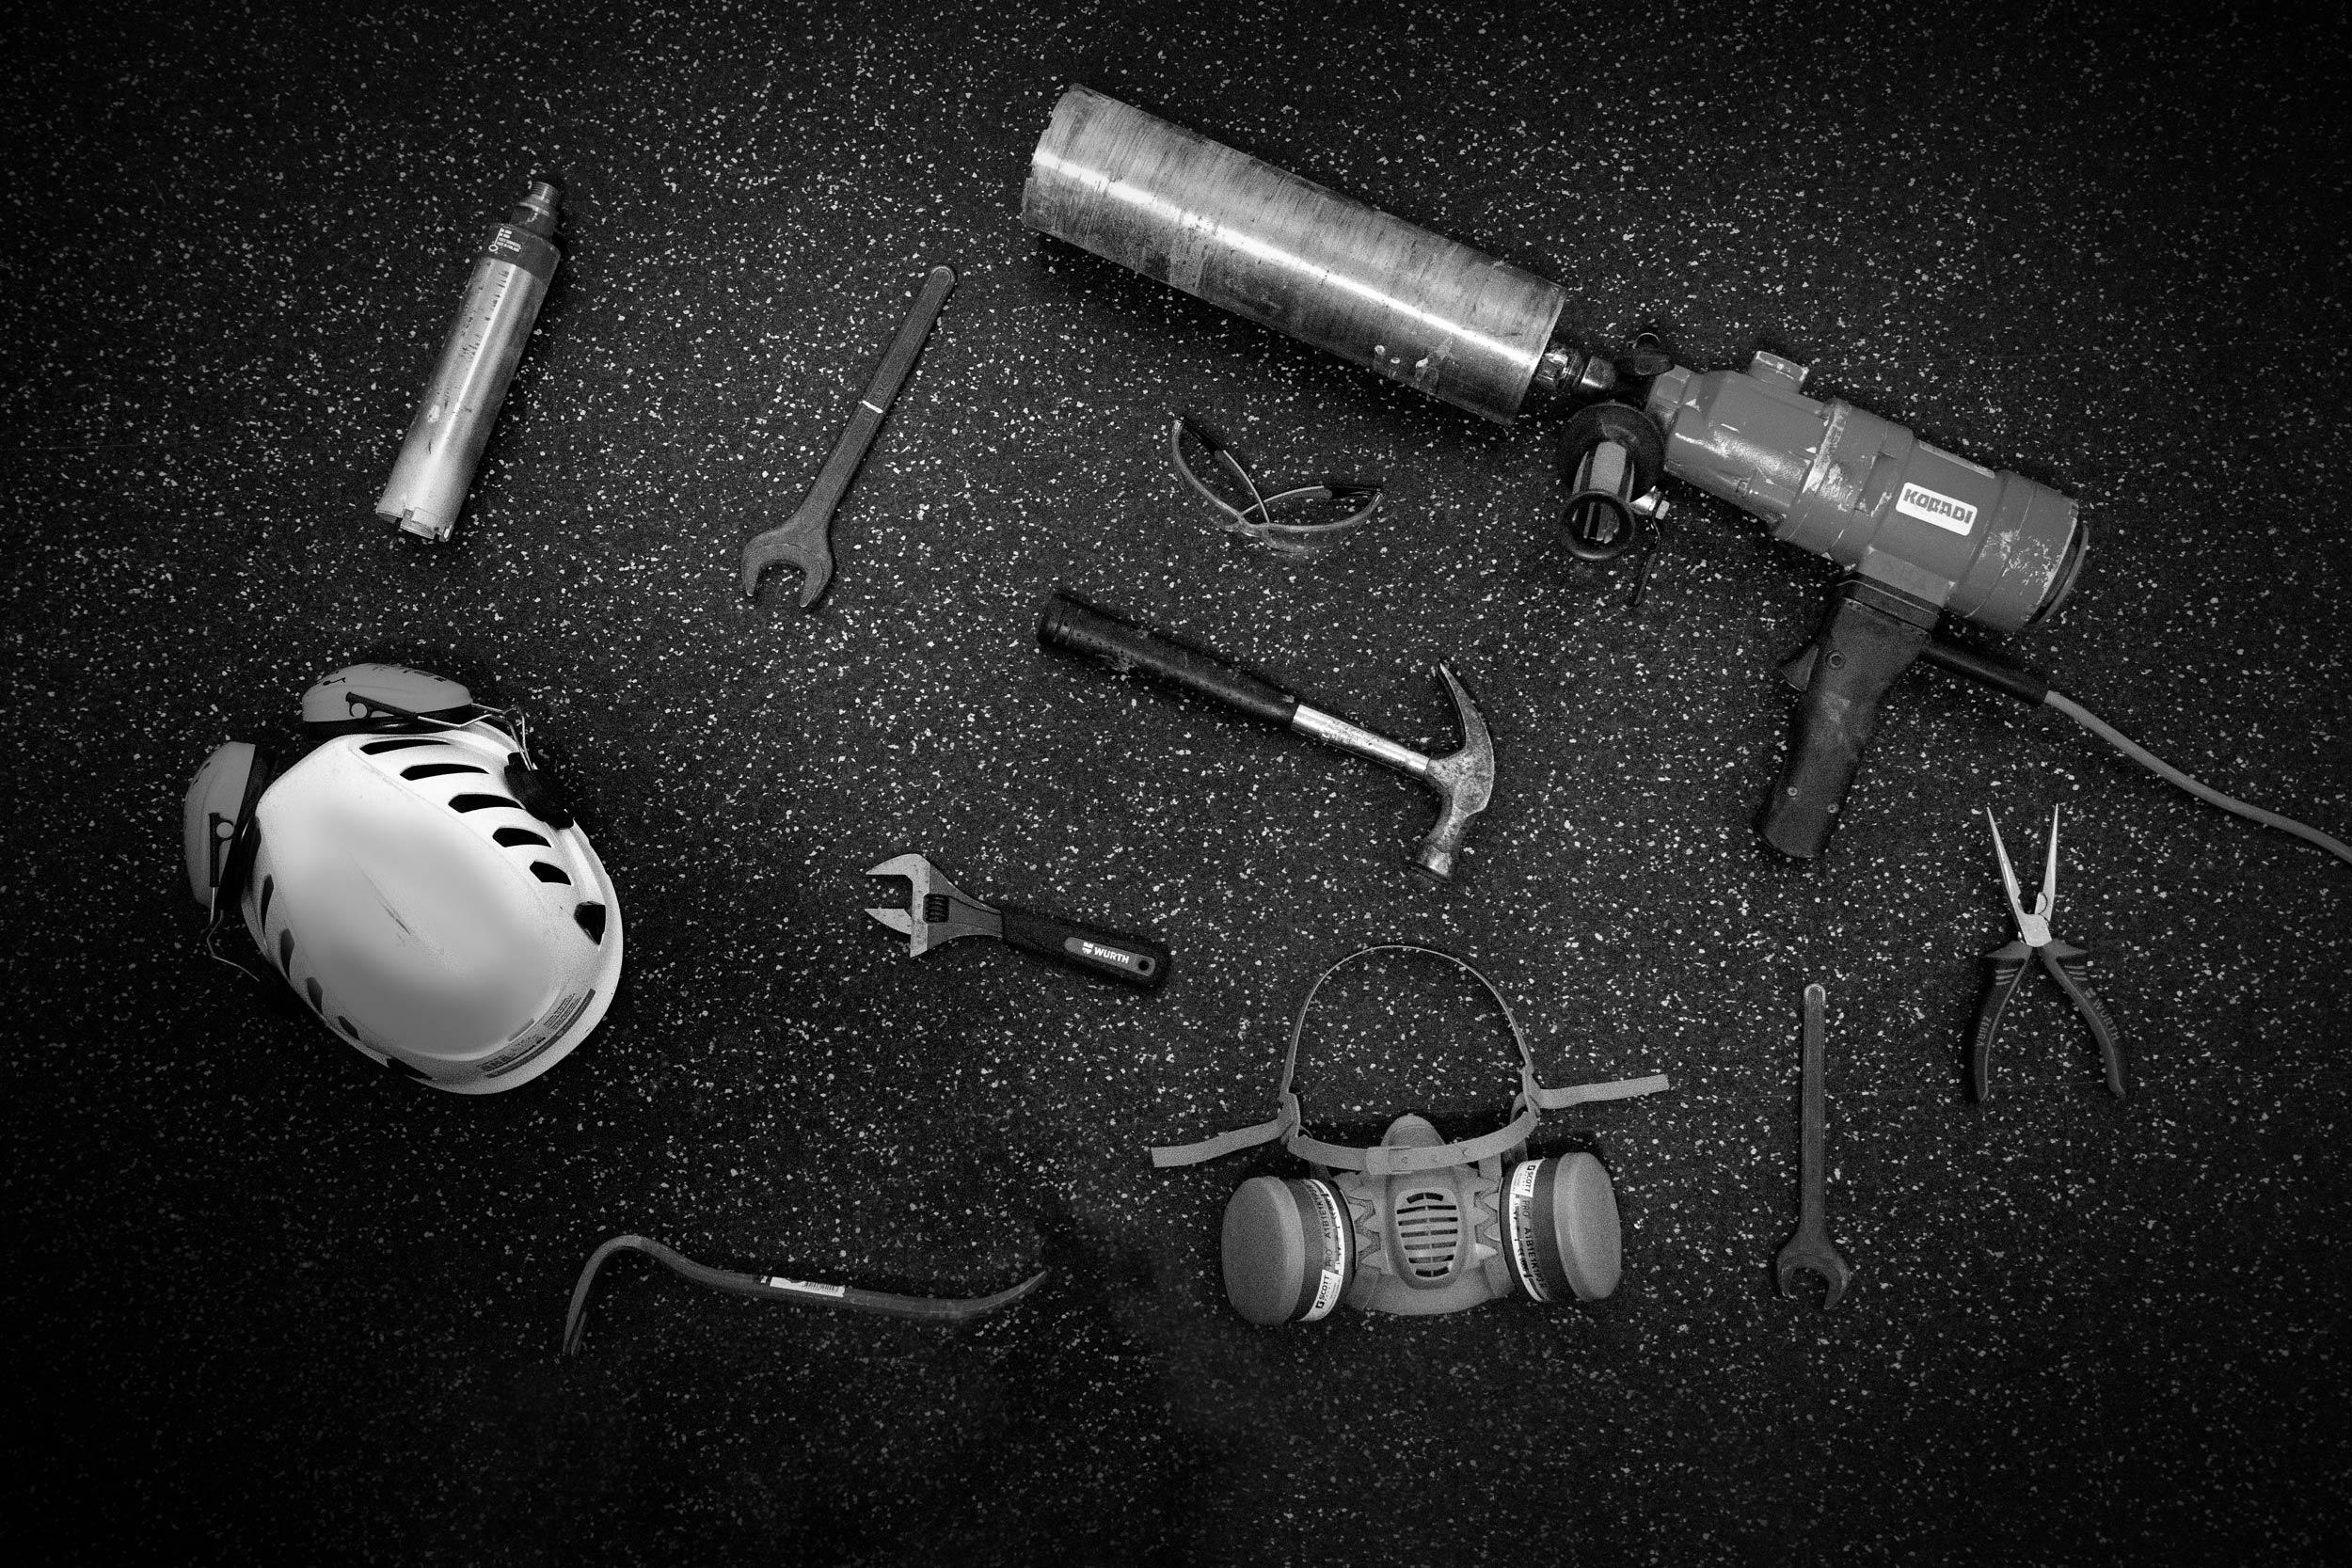 aha-tools